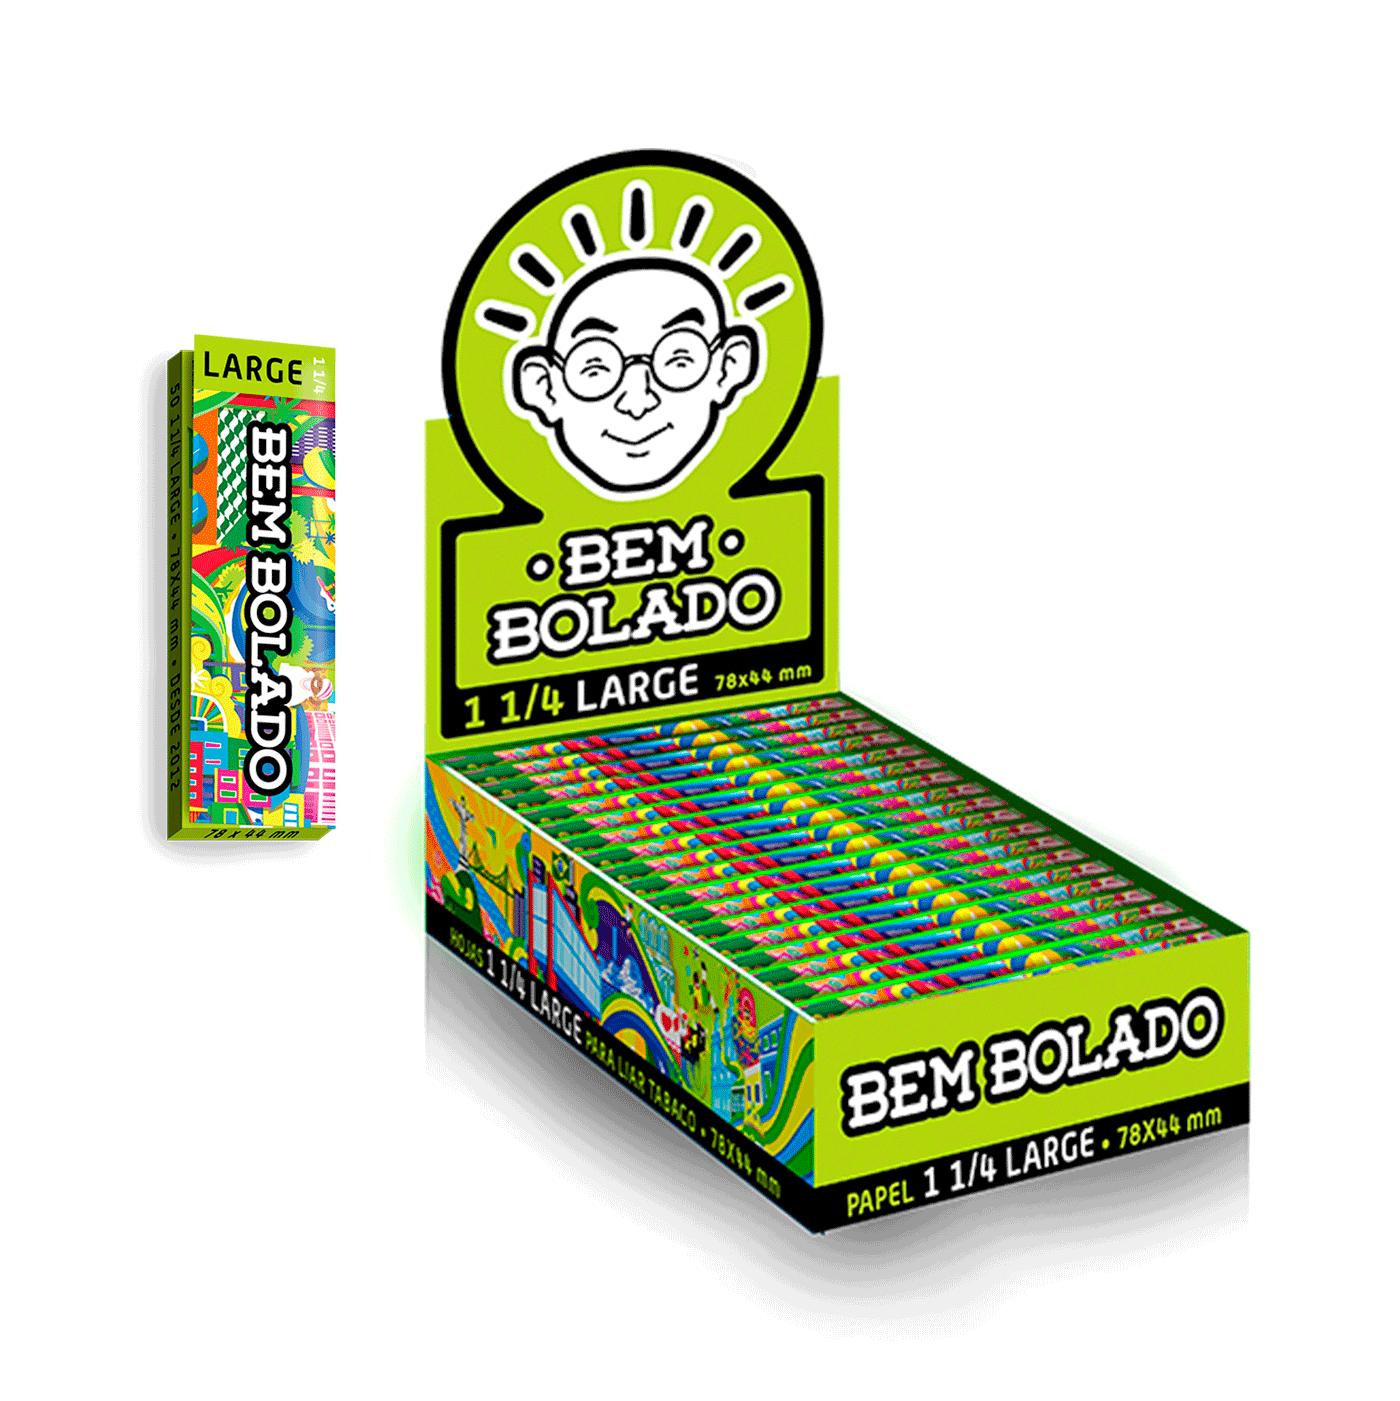 SEDA BEM BOLADO POP 1-1/4 LARGE C/25 LIVROS (Un.)